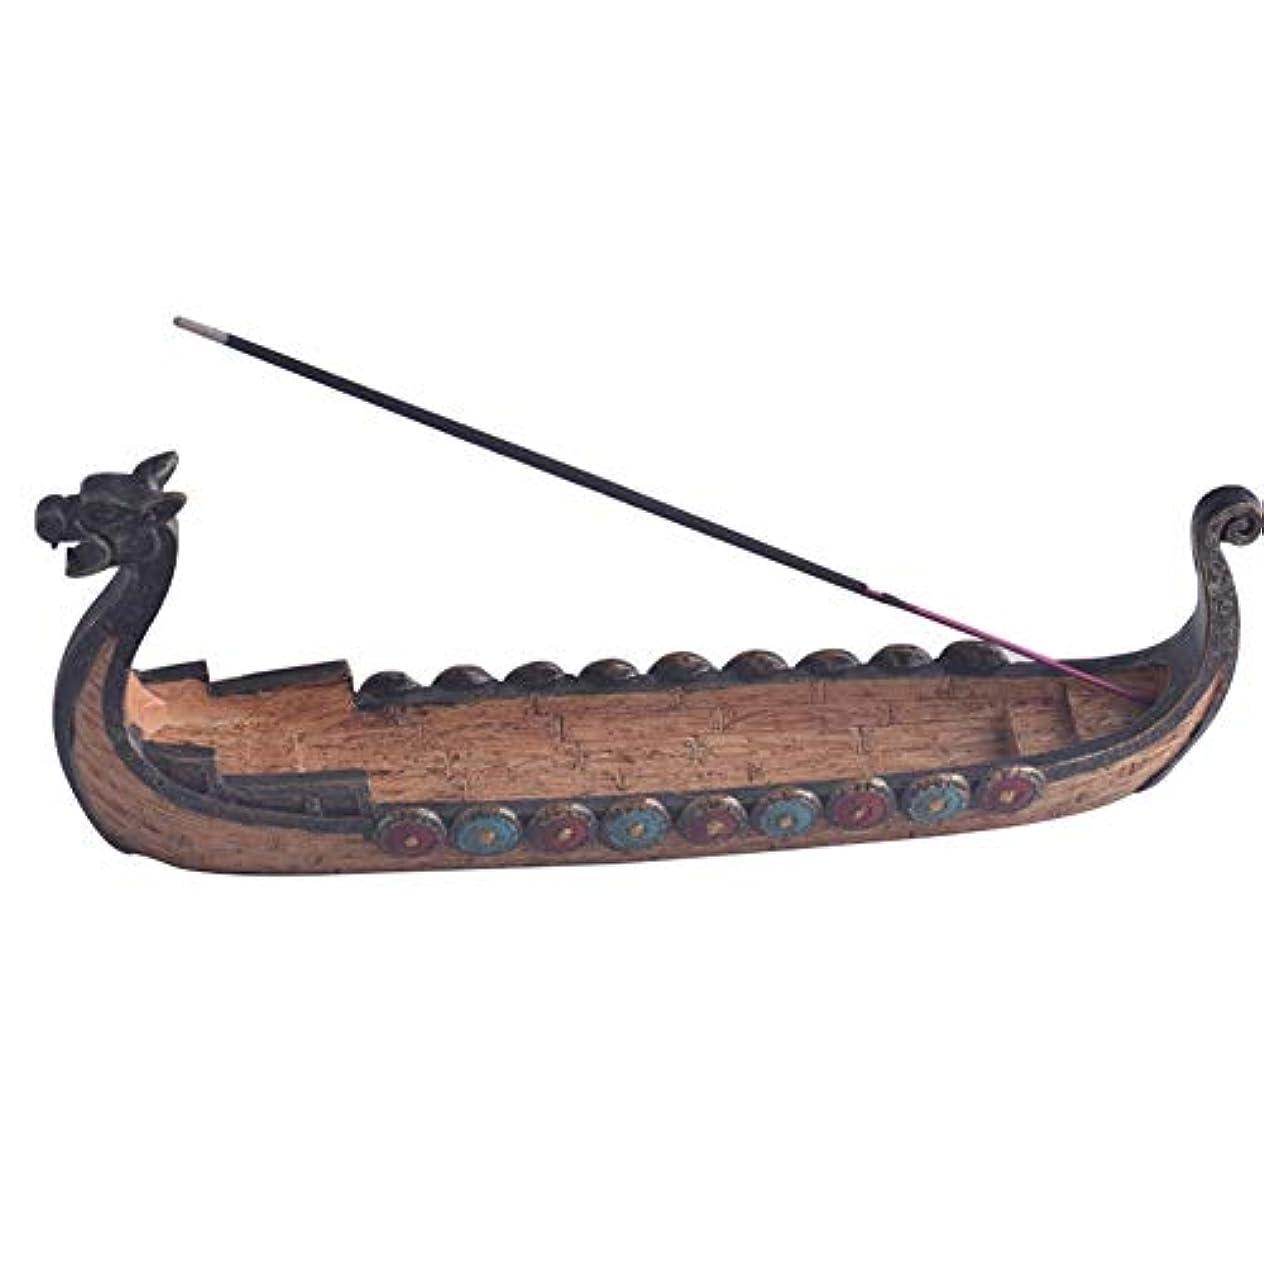 ナサニエル区とティーム作りますTenflyer スティック香中国の伝統的な家の装飾のためのドラゴンボート型香炉